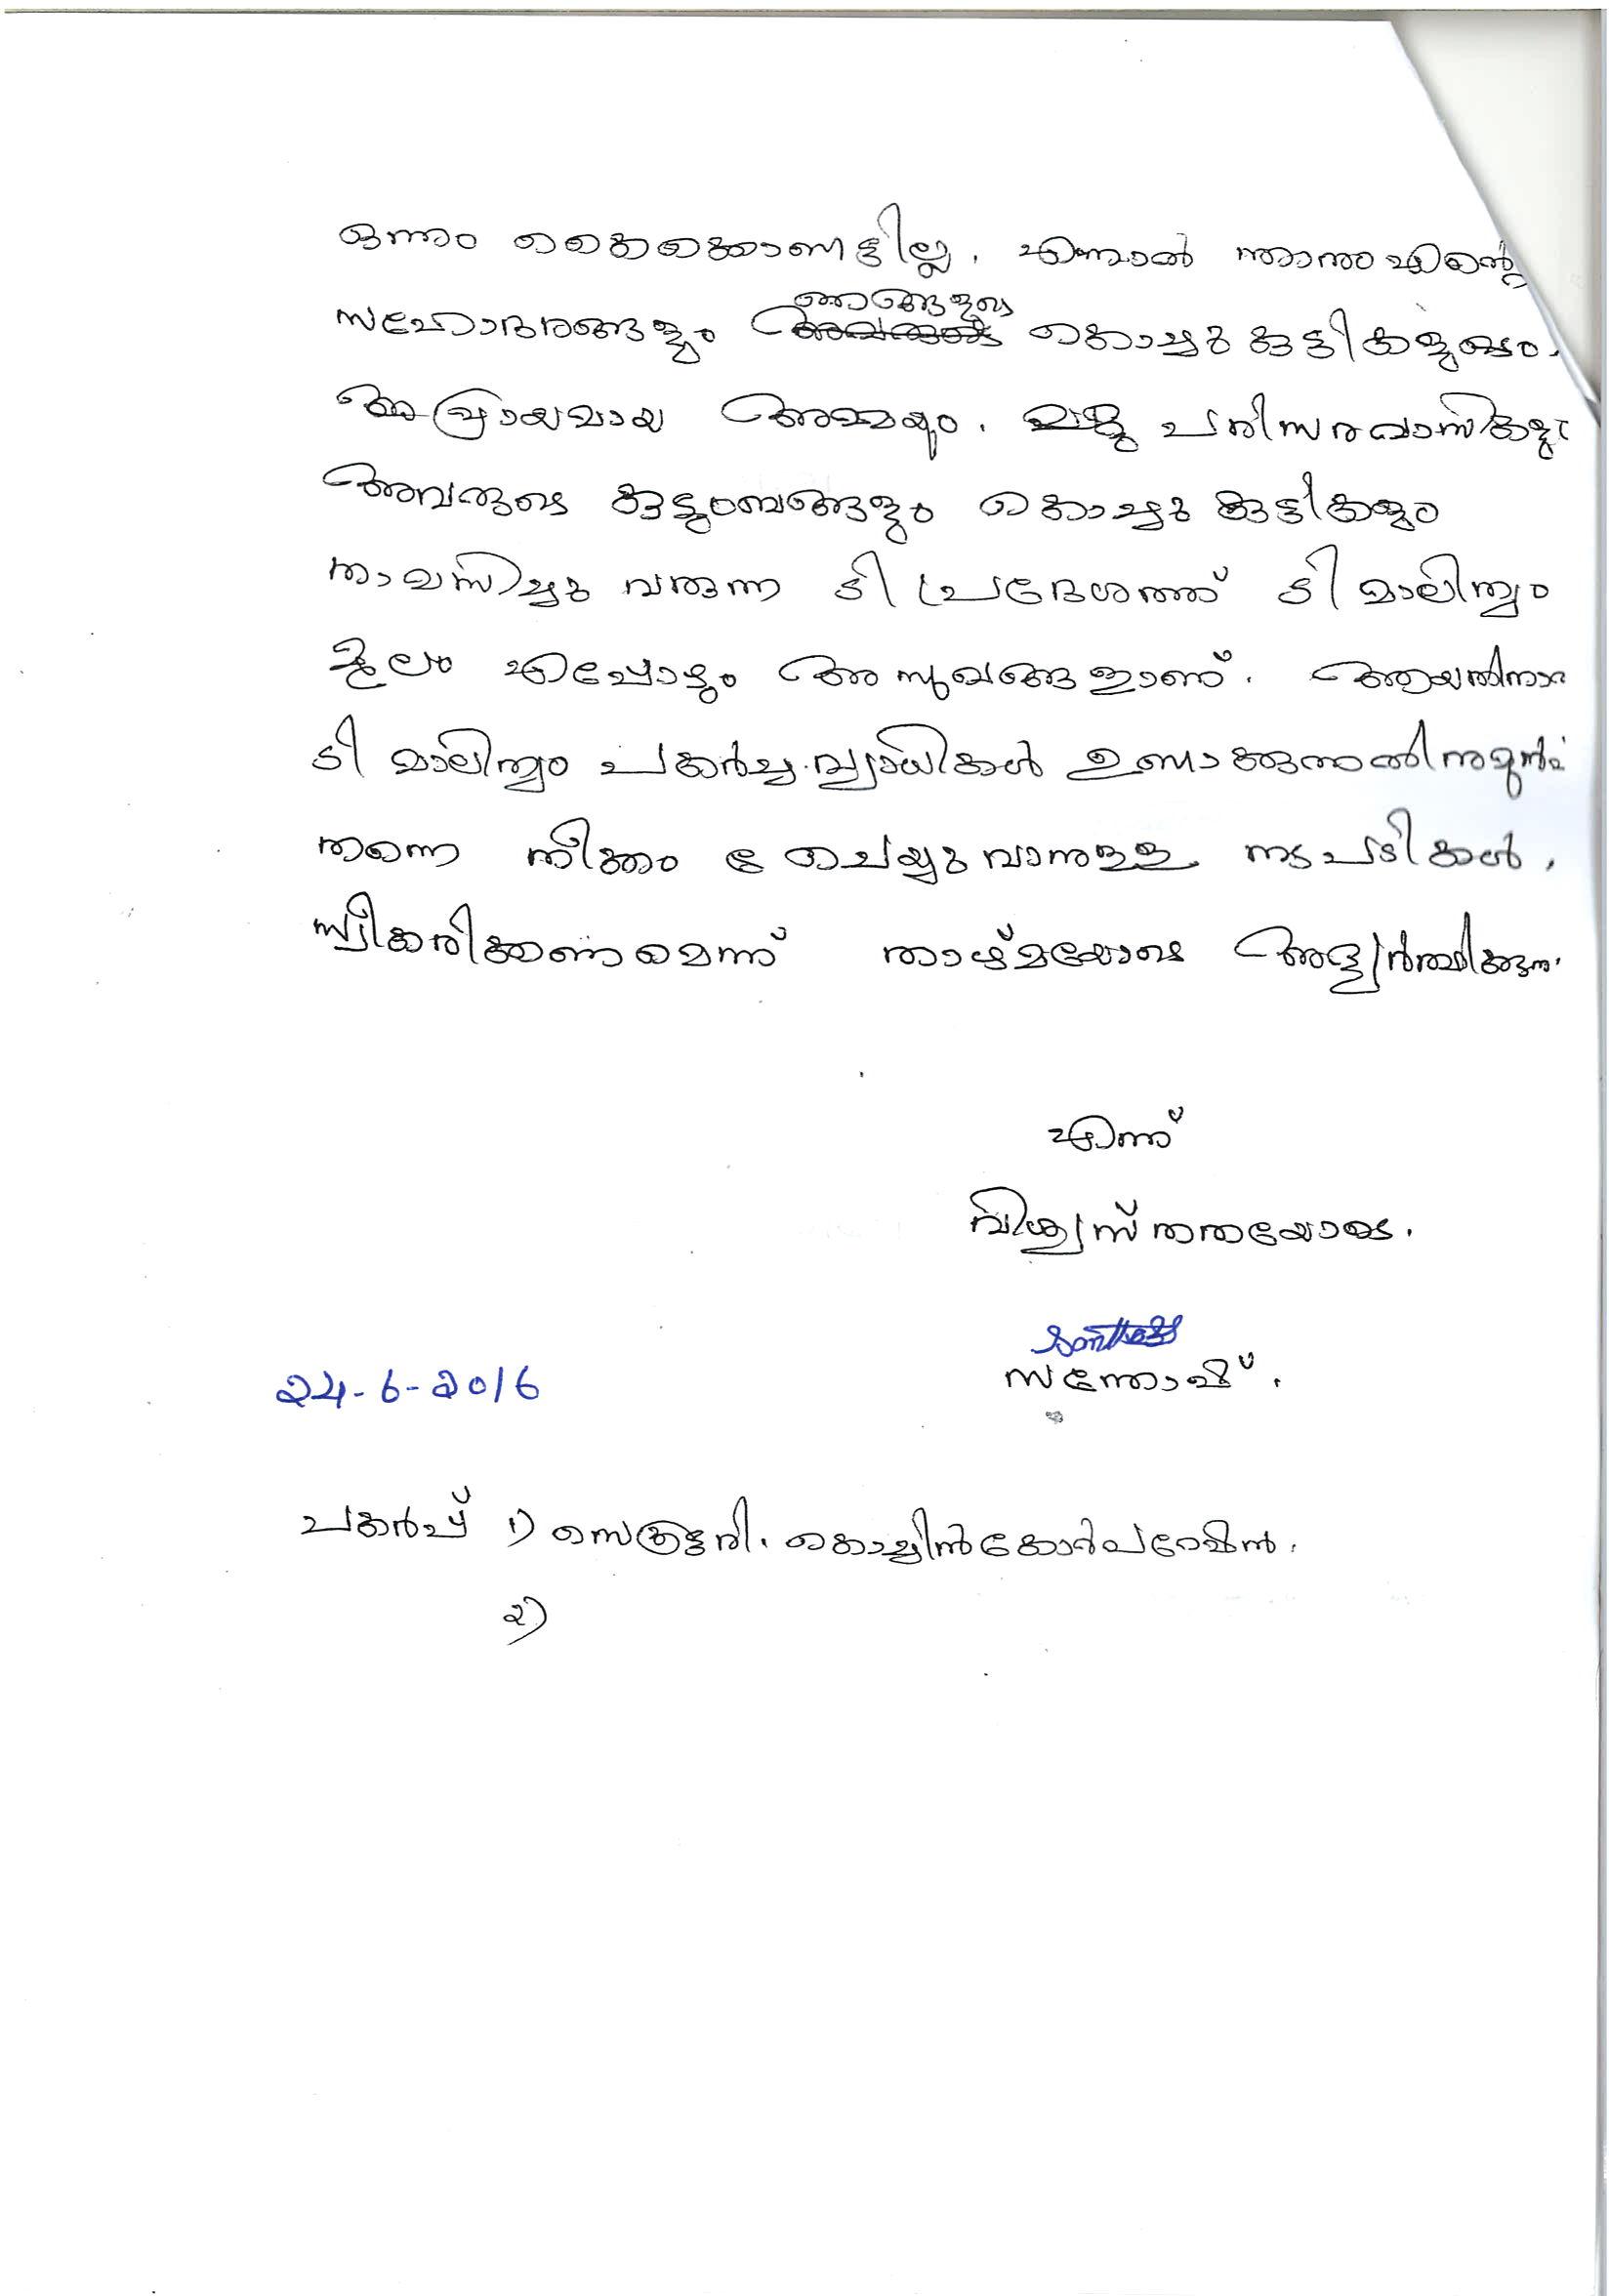 complaint-letter-3